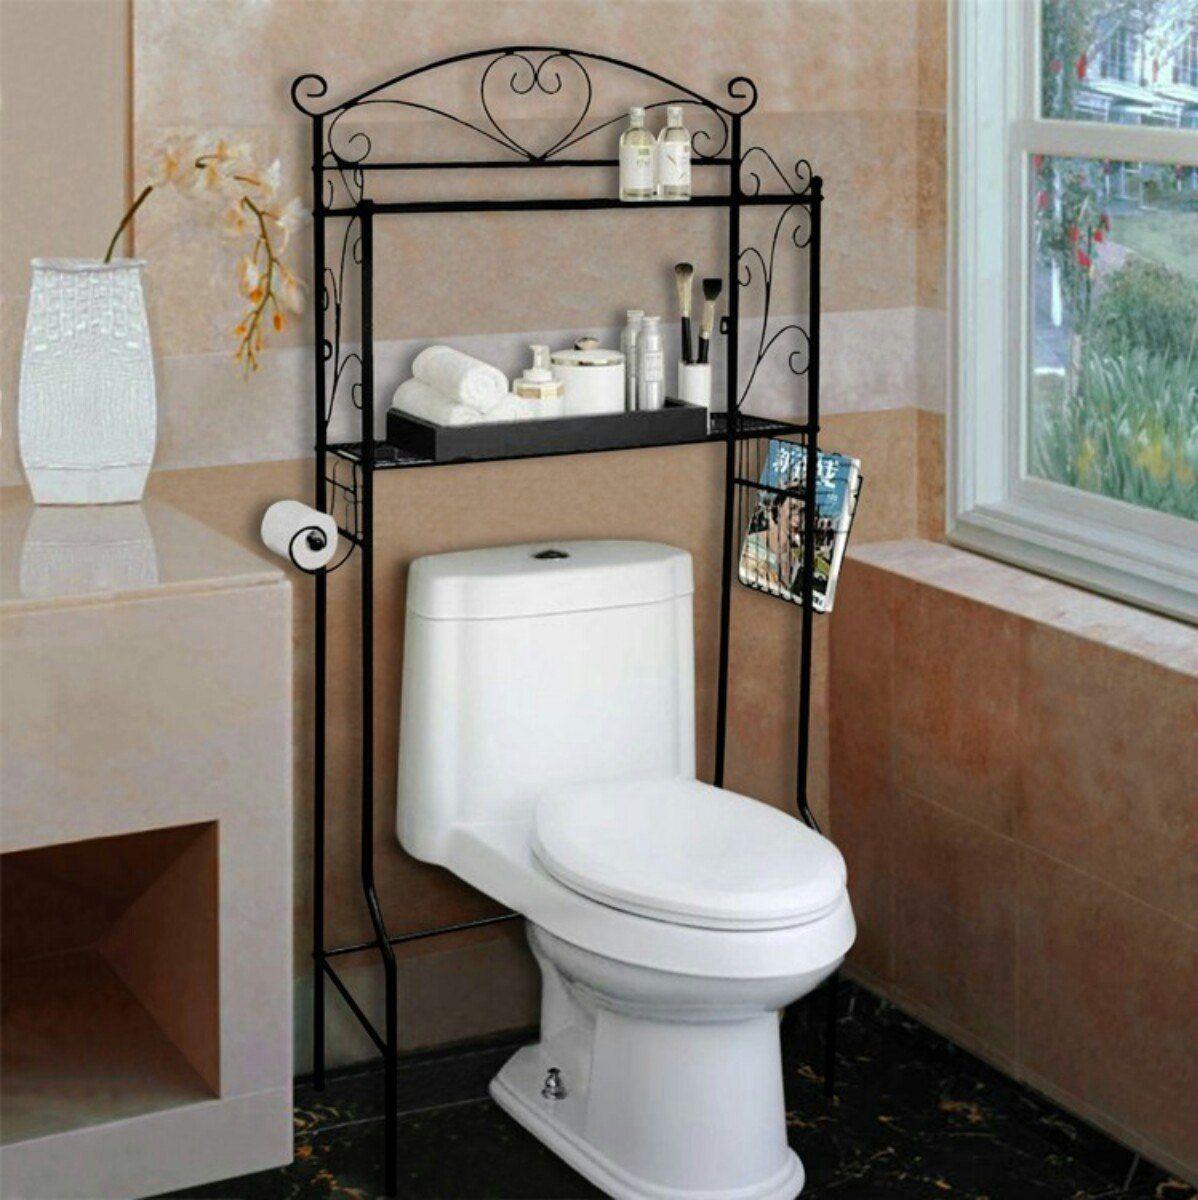 Wrought iron shelves bathroom - Mueble Para Ba O De Hierro Forjado 2 000 00 En Mercadolibre Ironwrought